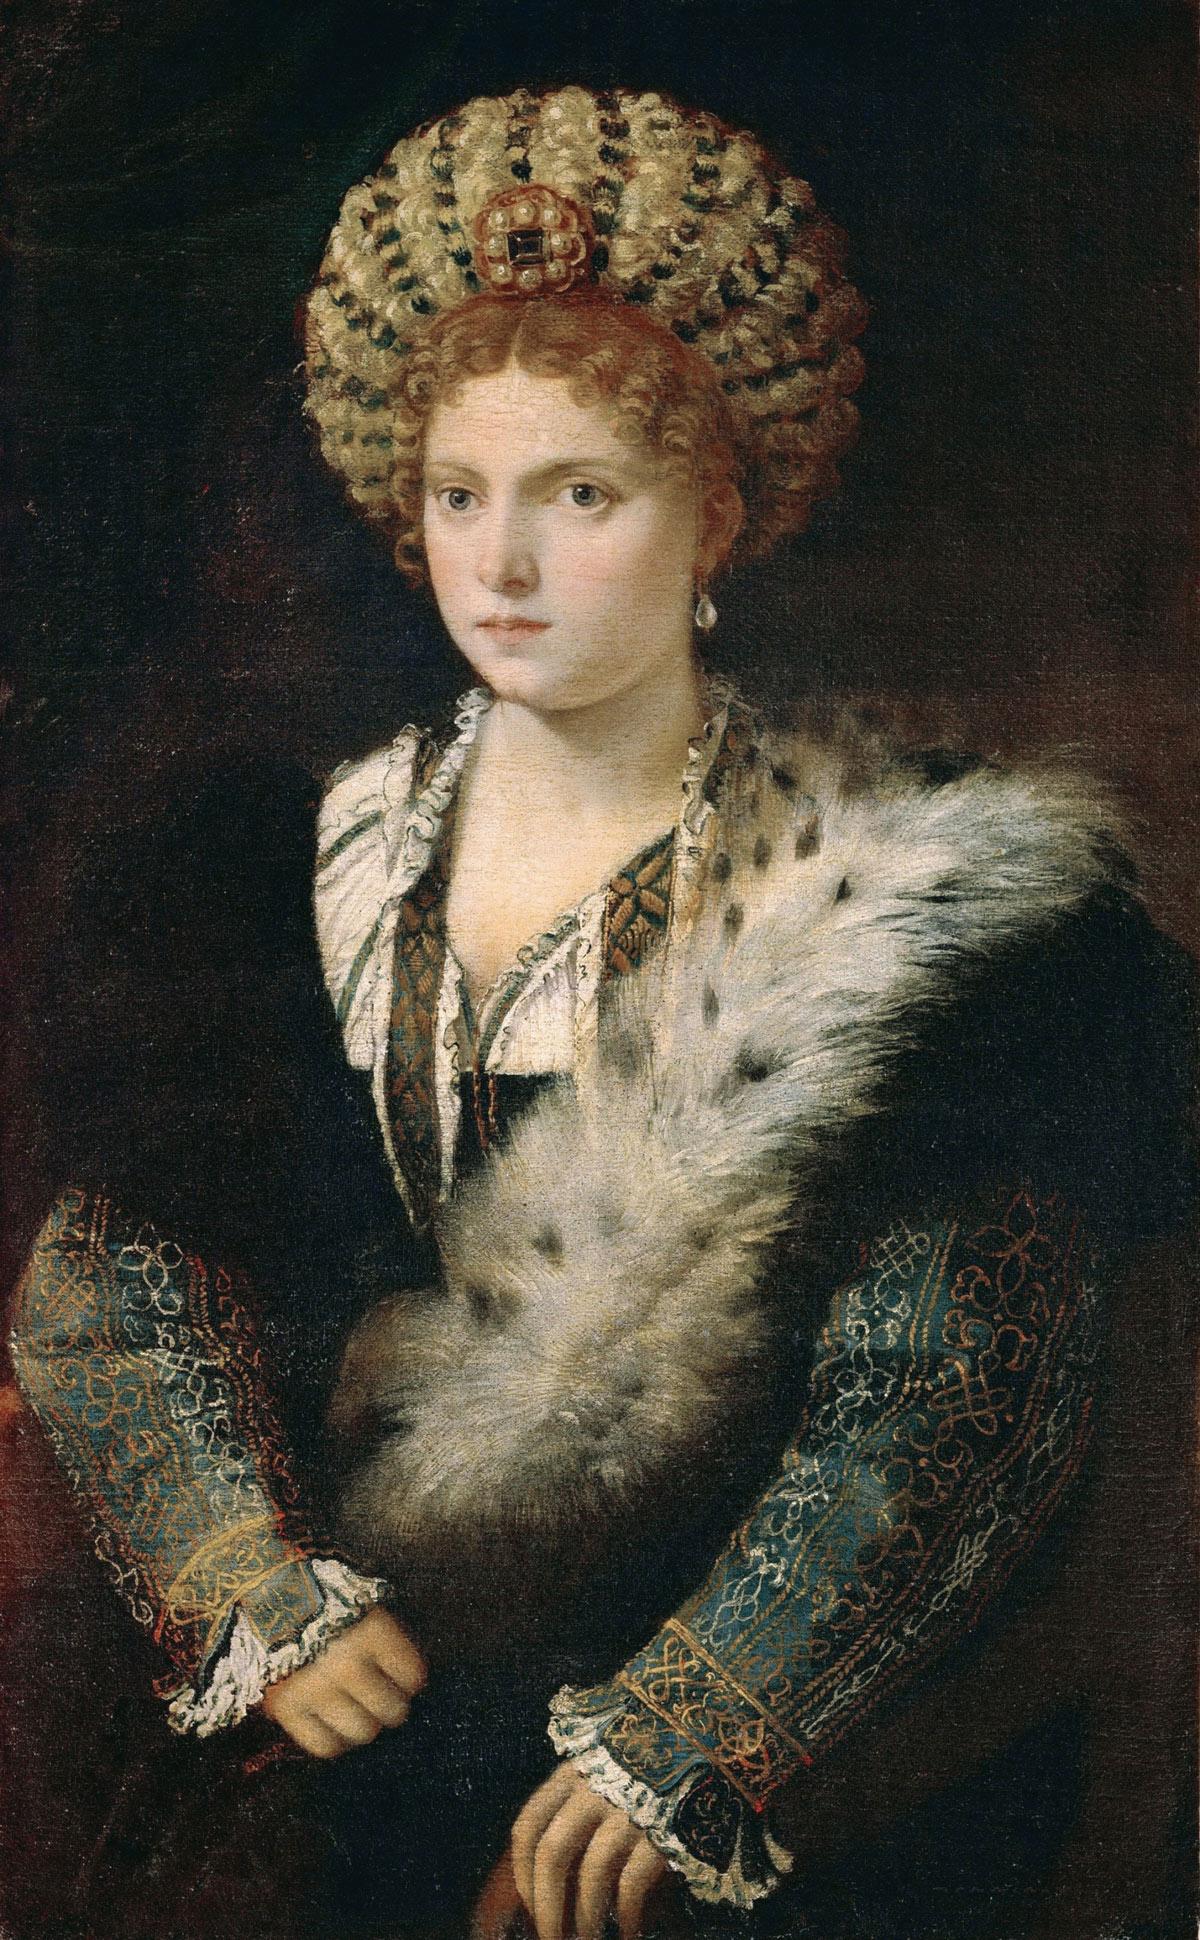 Tiziano, Ritratto di Isabella d'Este (1534-1536; olio su tela, 102,4 x 64 cm; Vienna, Kunsthistorisches Museum)